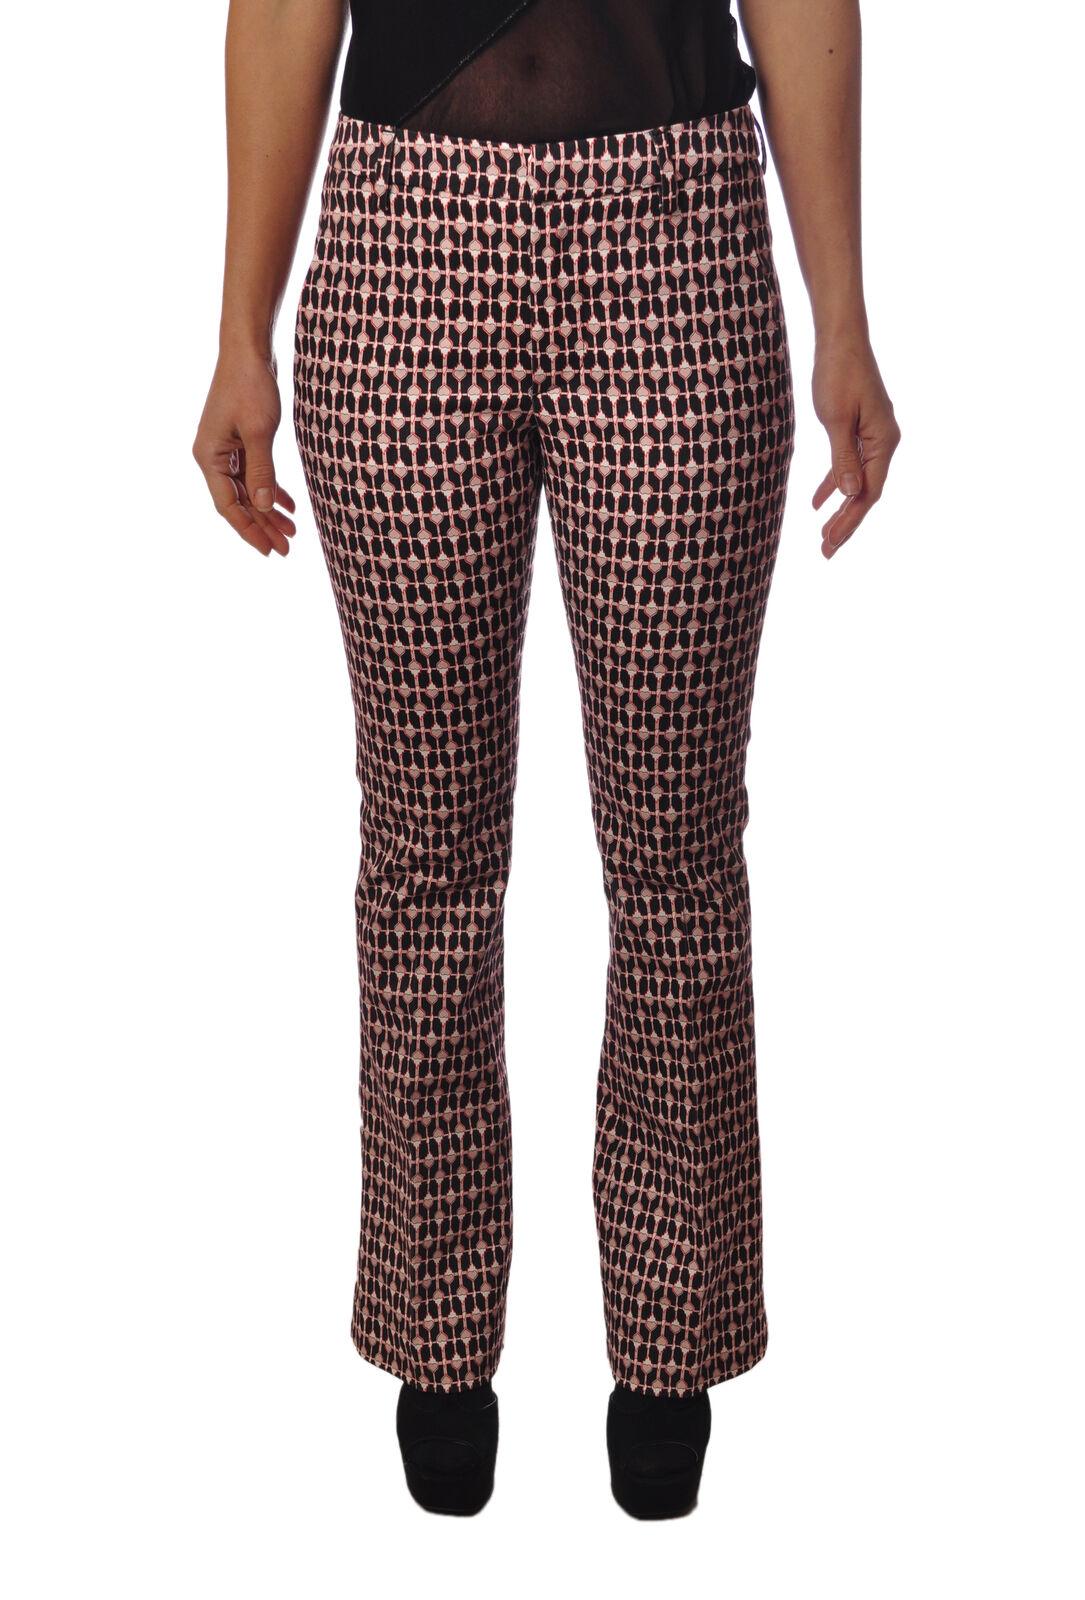 Dondup - Pants-Pants - Woman - Fantasy - 4972426F181518